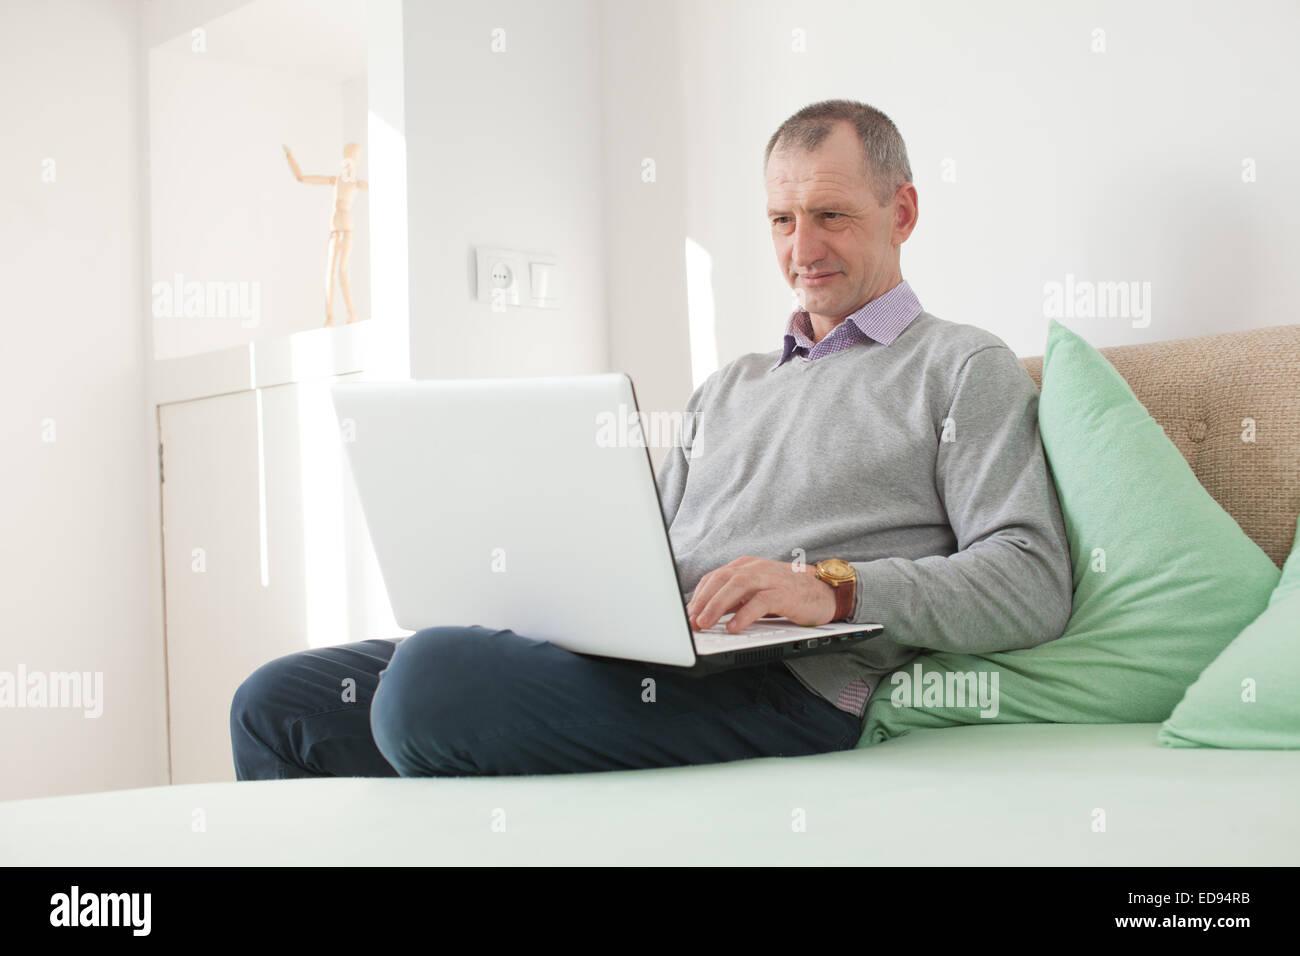 Erwachsener Mann mit einem Laptop zu Hause Stockbild